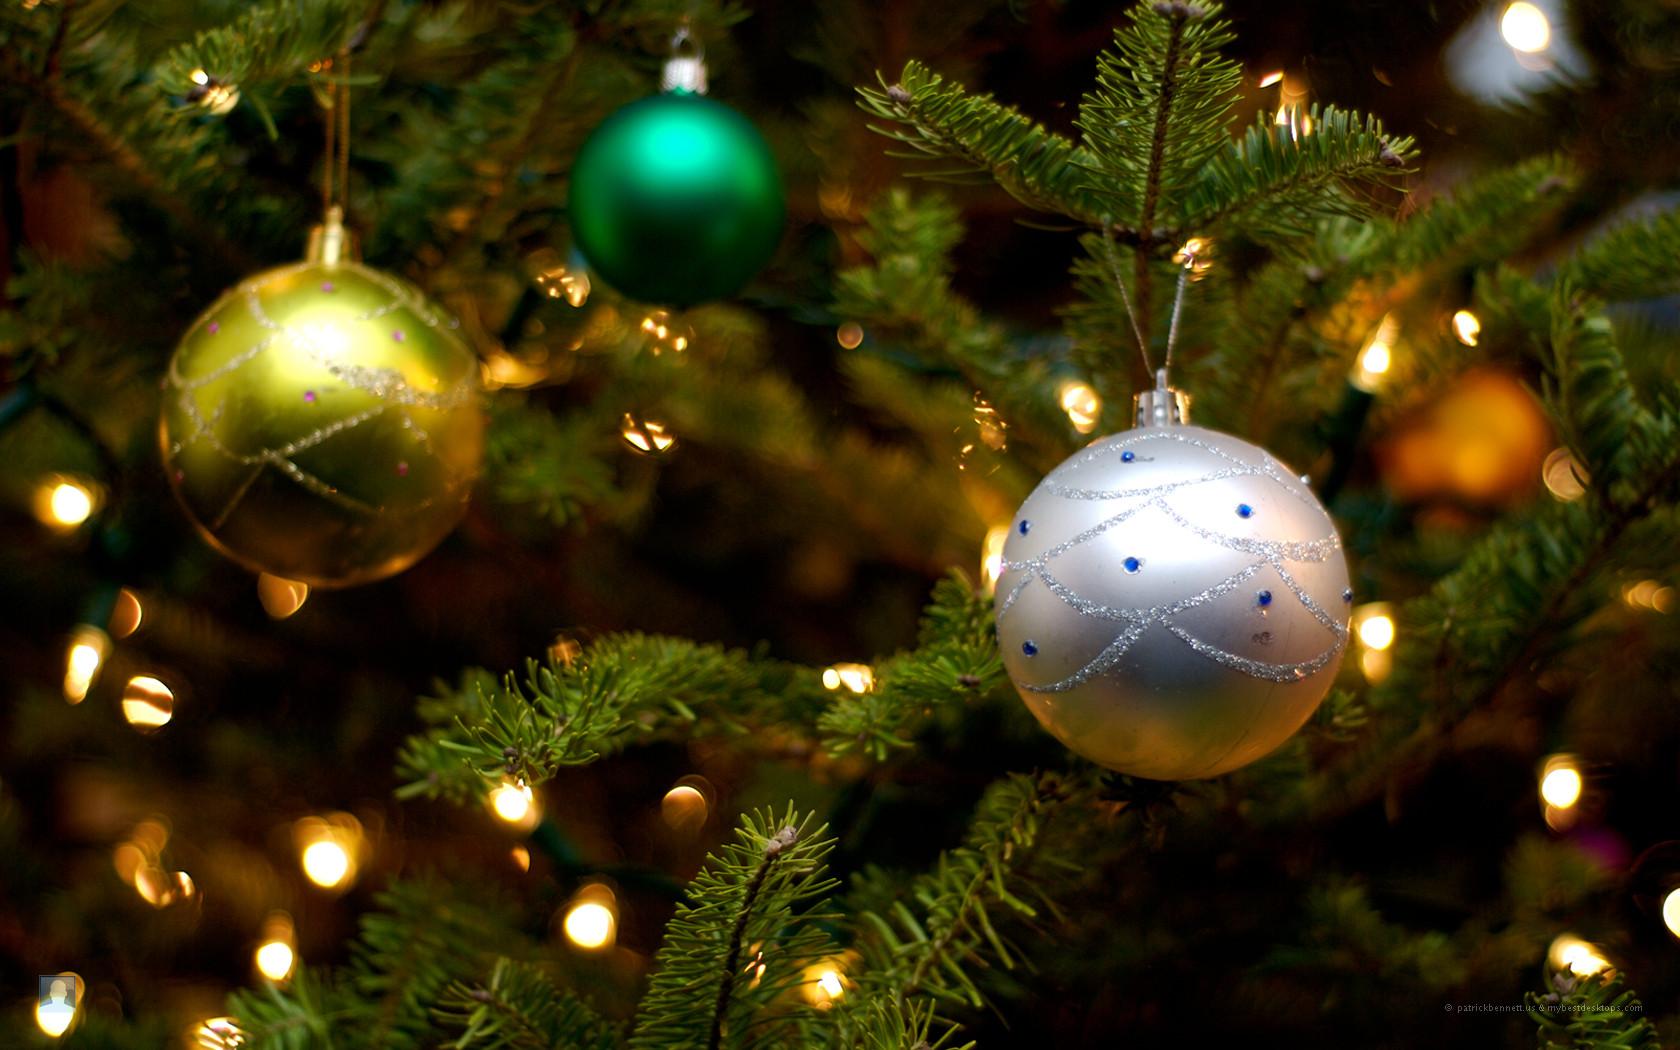 消費者部門で勝ち負けの感謝祭とクリスマス